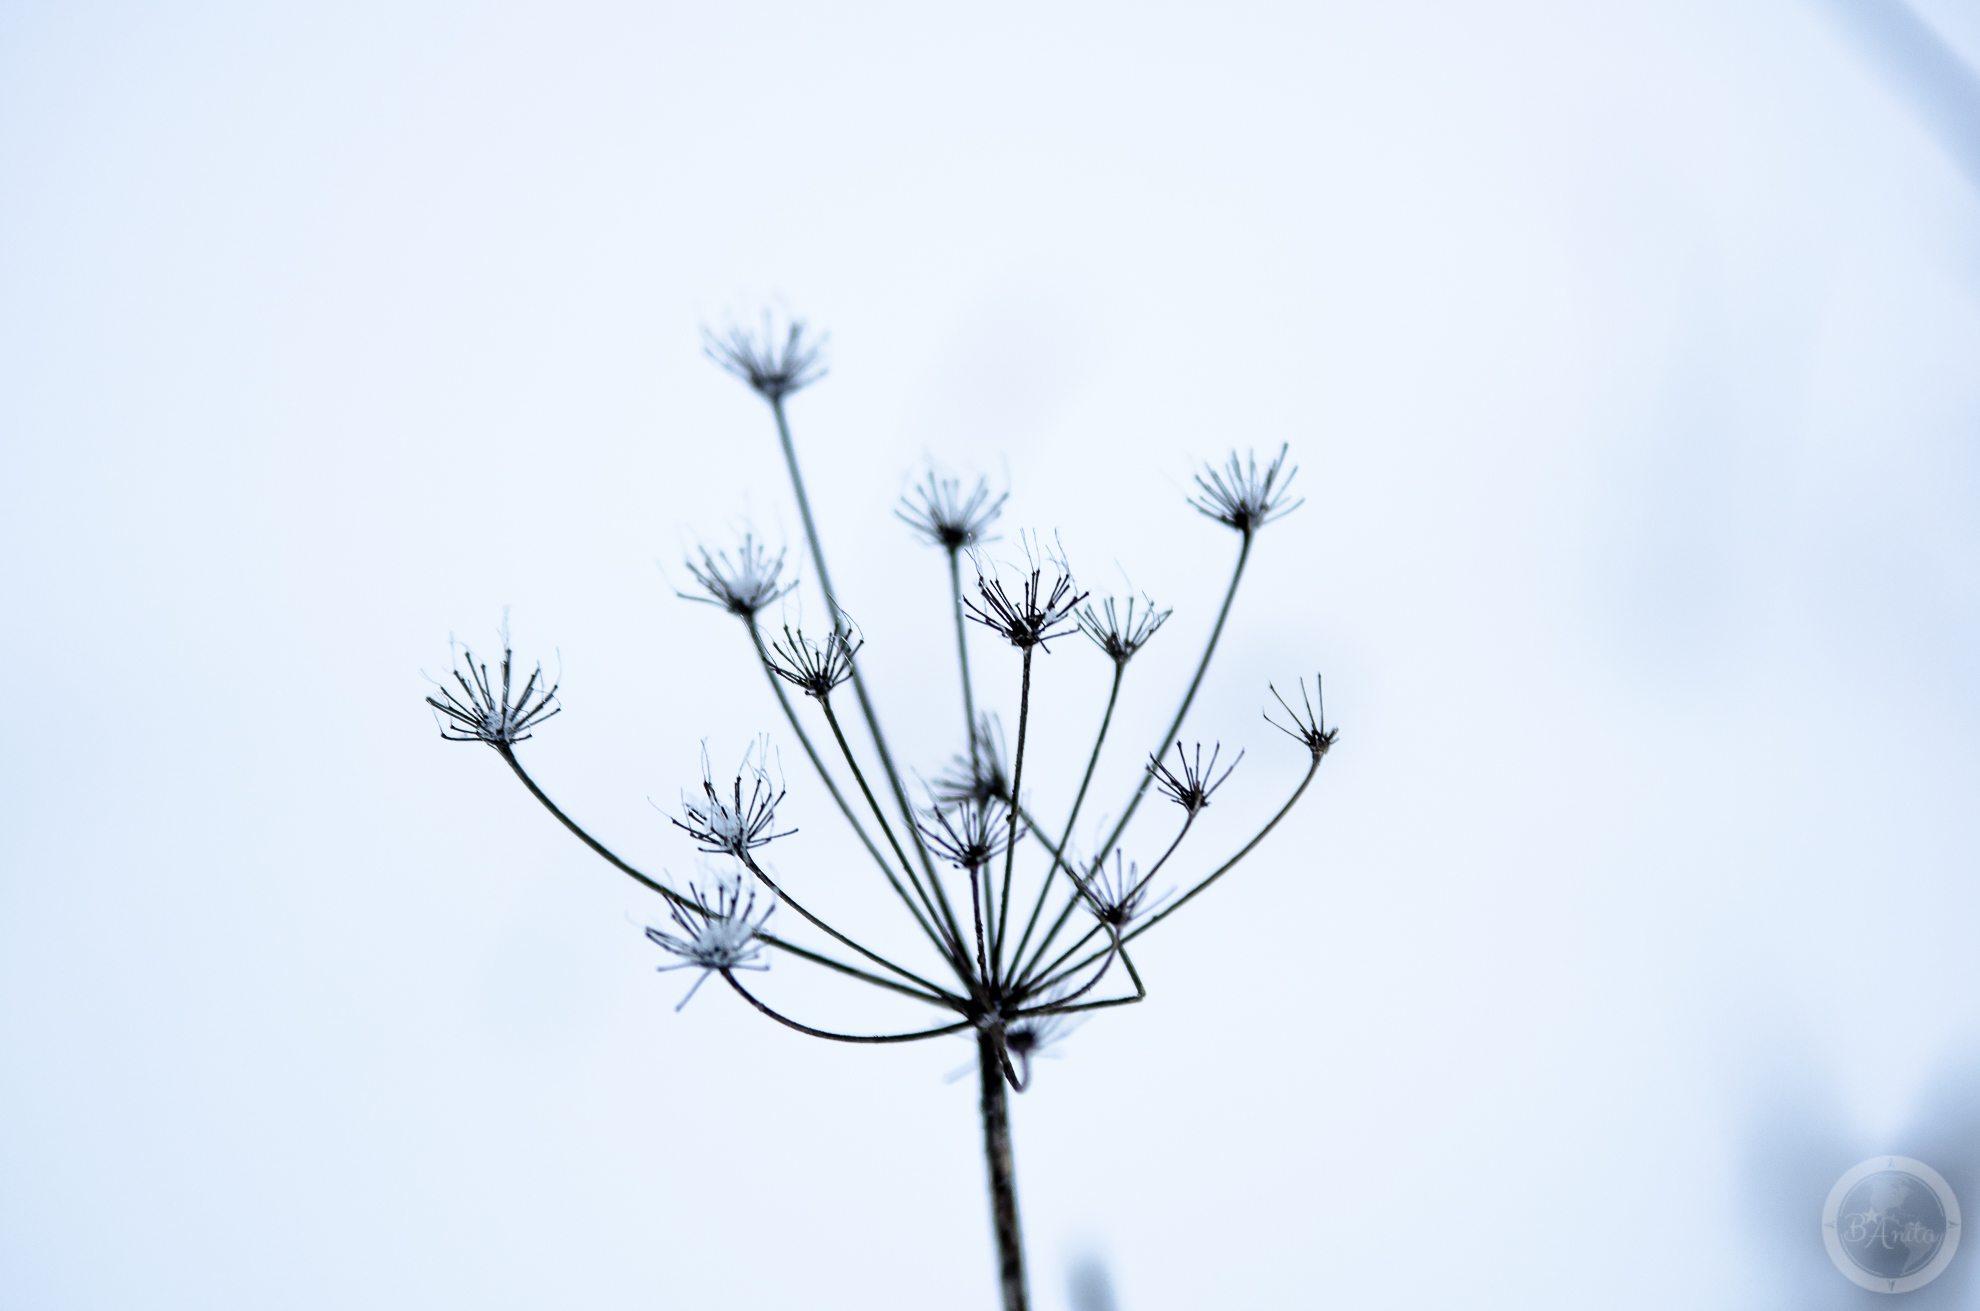 Uschnięta roślina baldaszkowa natle białego śniegu tworzy graficzną kompozycję